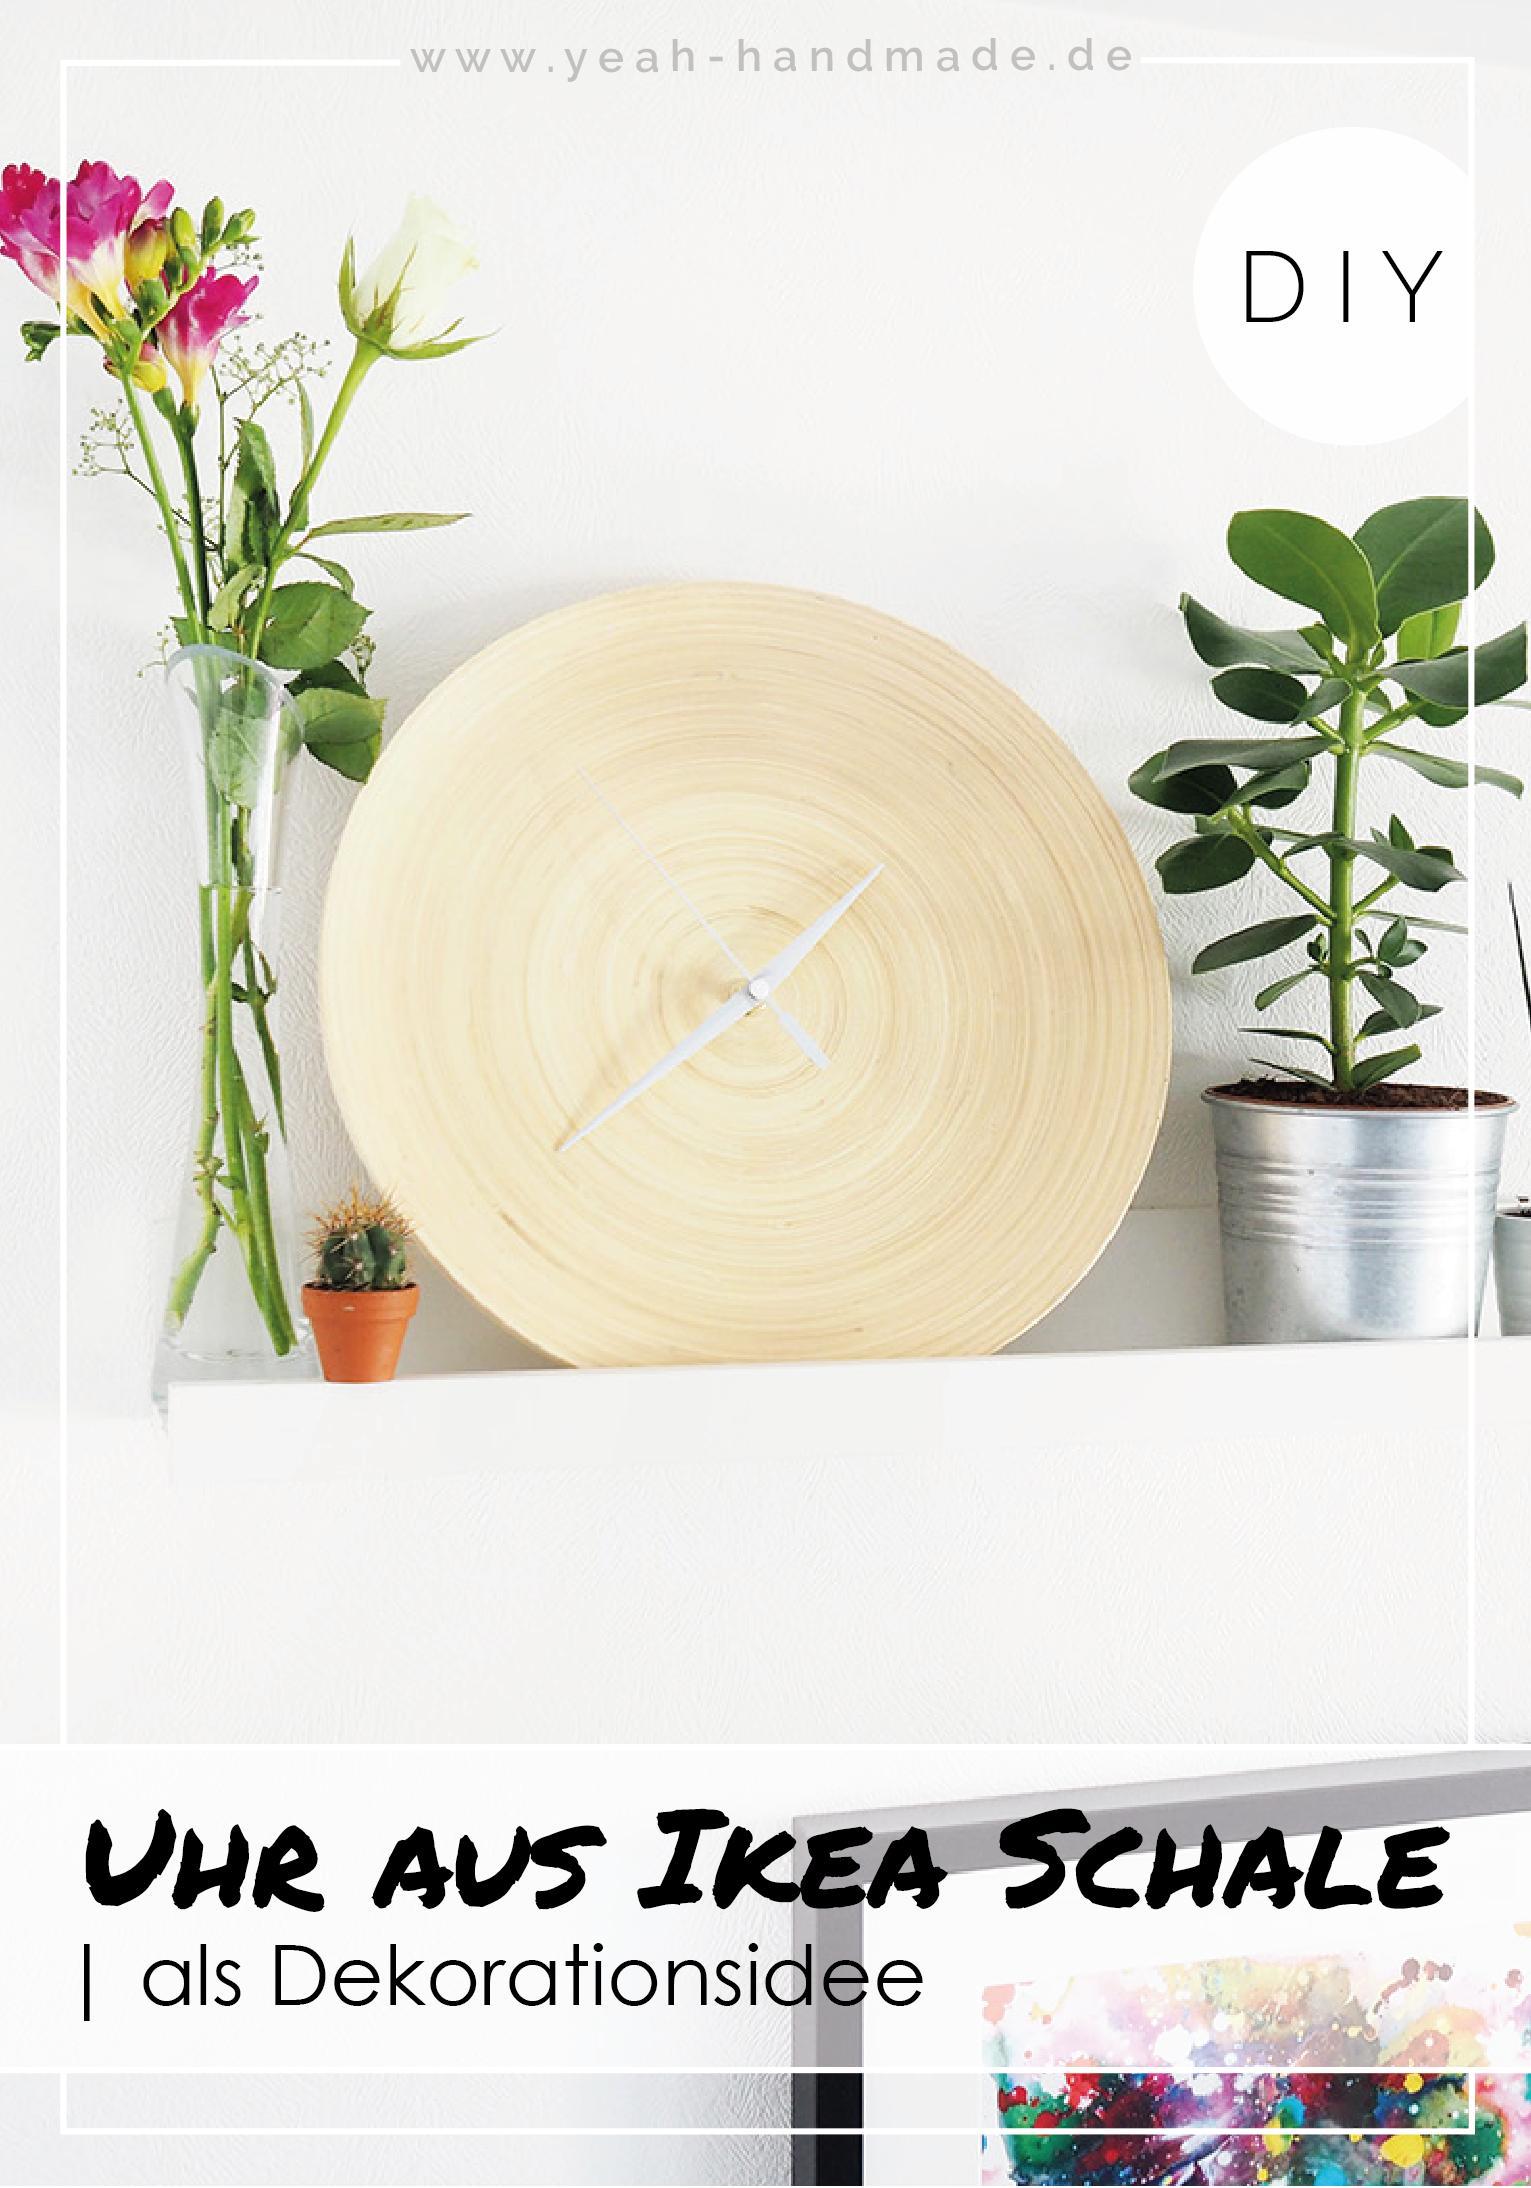 Diy Uhr Aus Der Ikea Bambus Schale Hultet Deko Ideen Deko Tipps